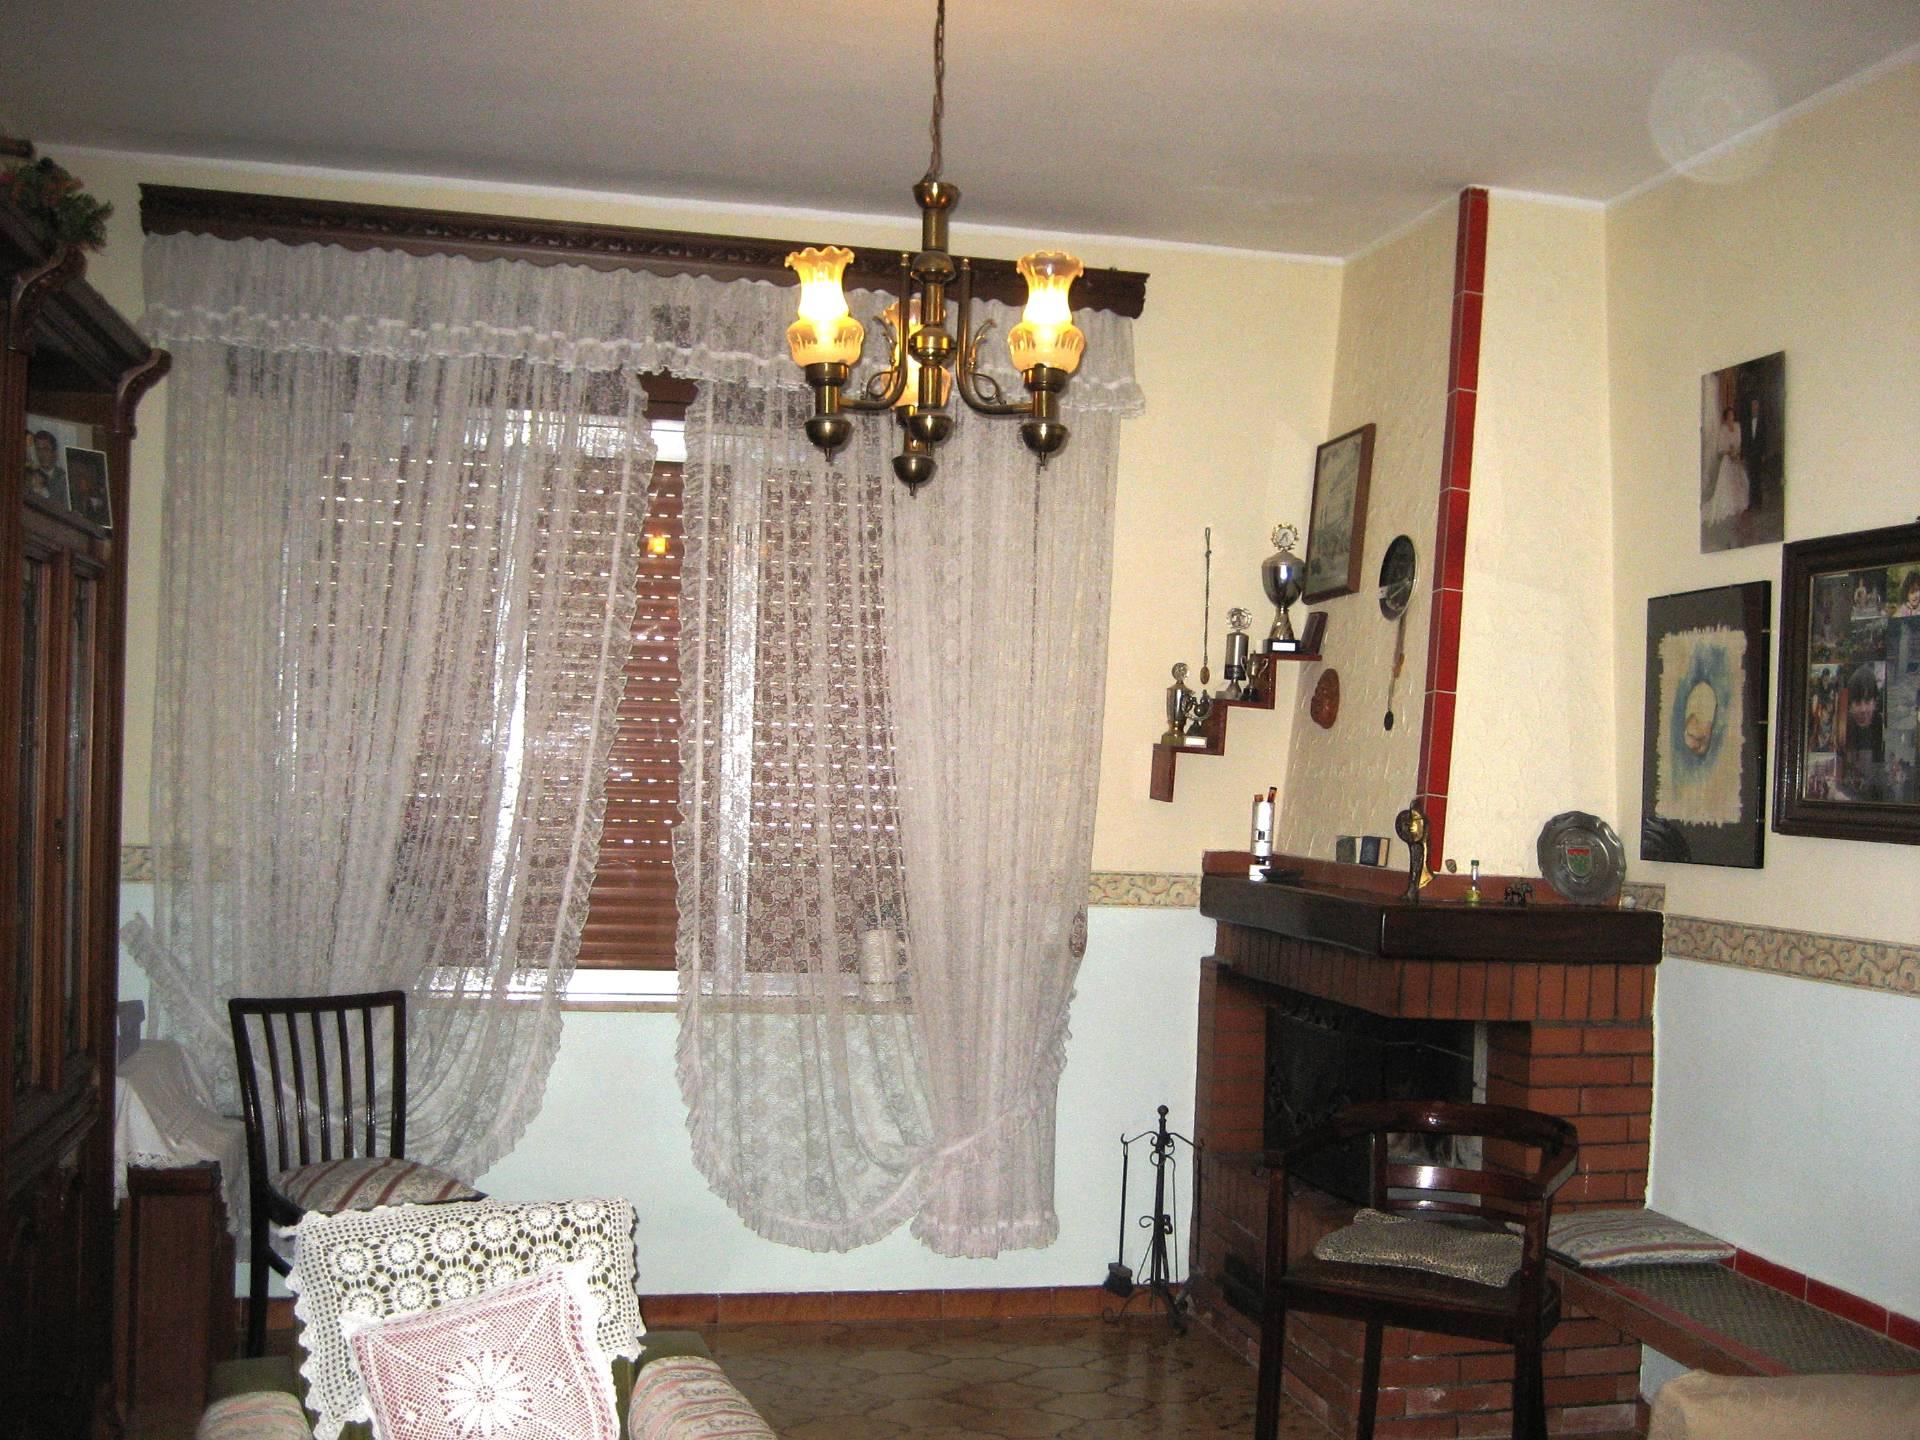 Villa in vendita a Siracusa, 5 locali, zona Località: Tremmilia, prezzo € 280.000 | CambioCasa.it